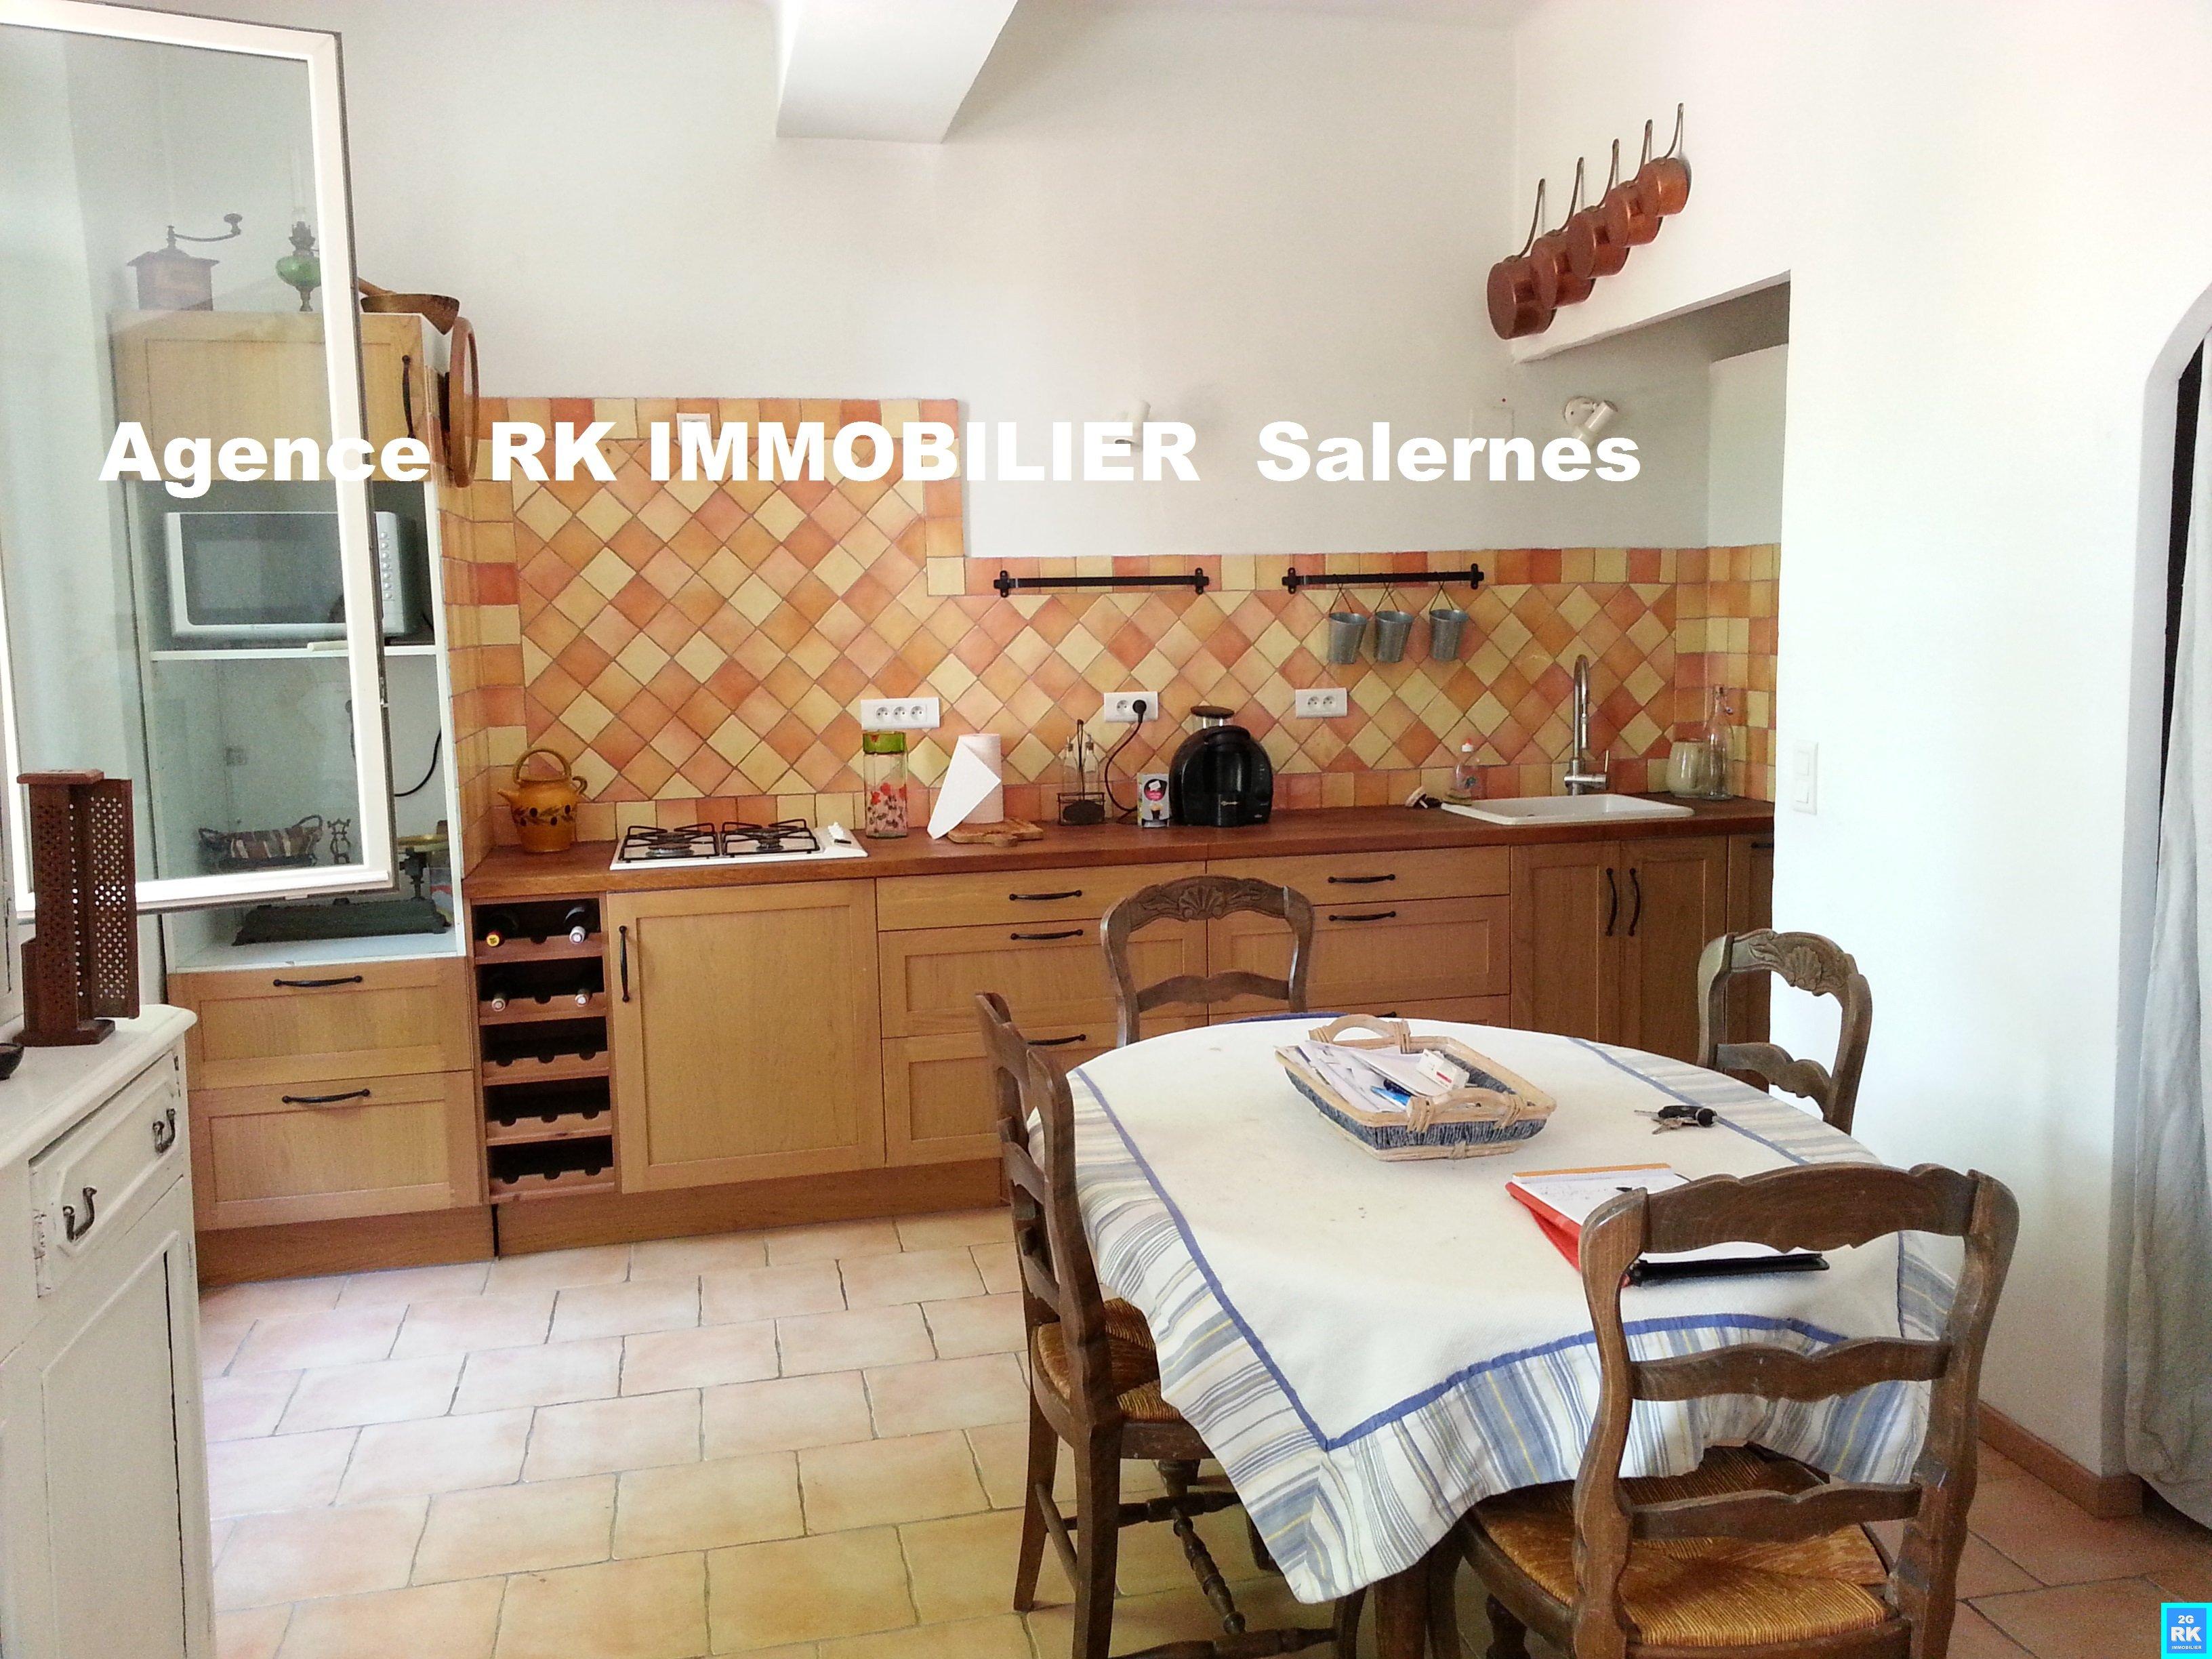 Maison de village rénovée, 5 pièces, 86 m² avec local commercial.